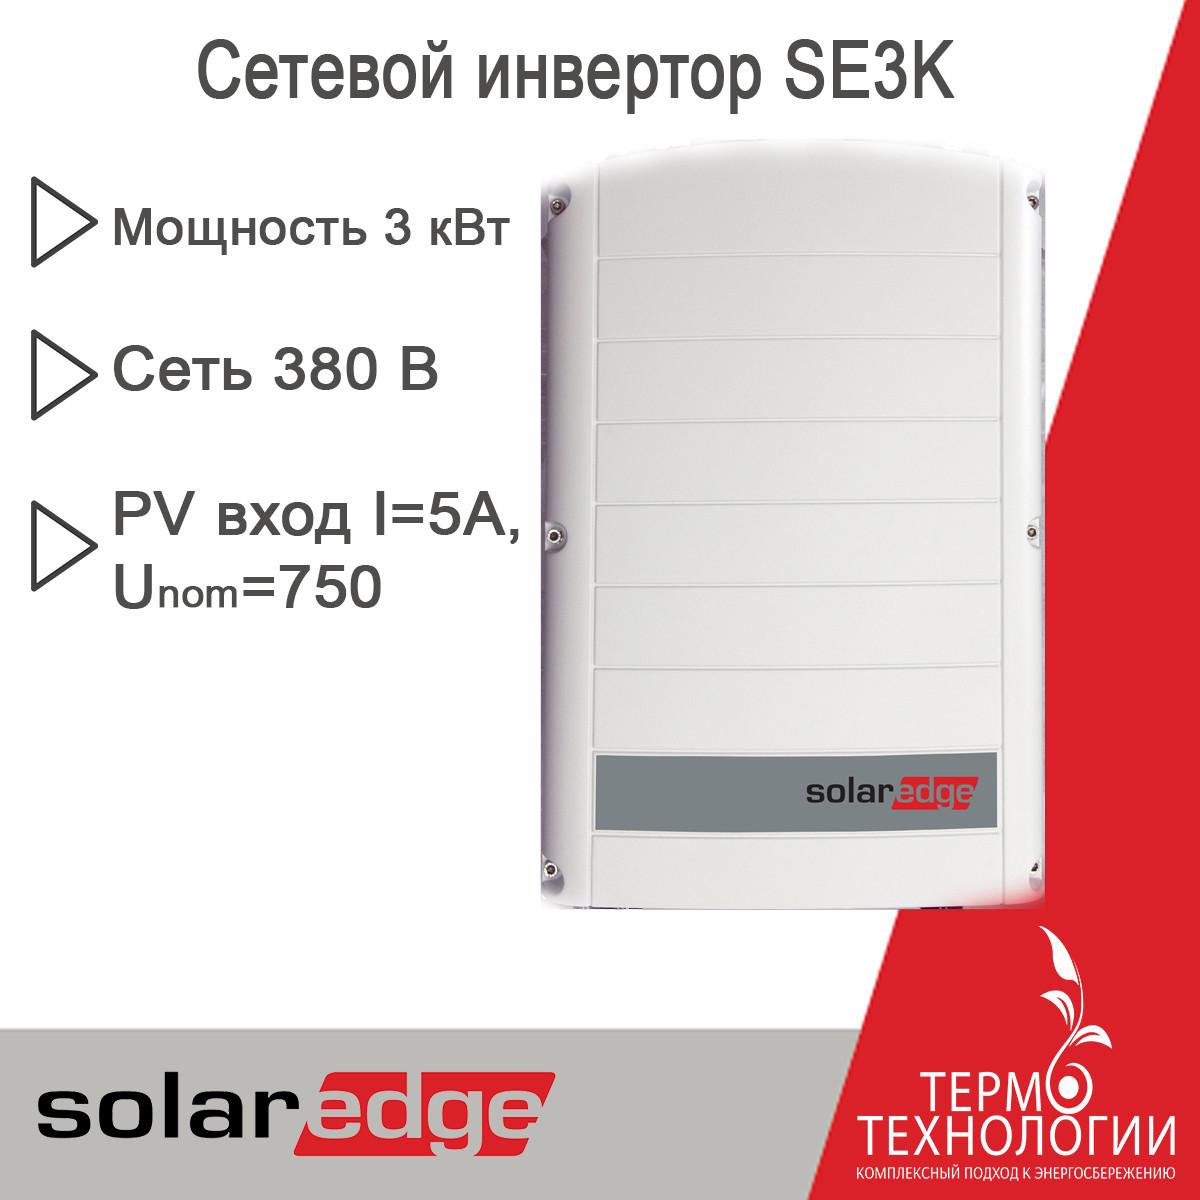 Солнечный инвертор сетевой SolarEdge